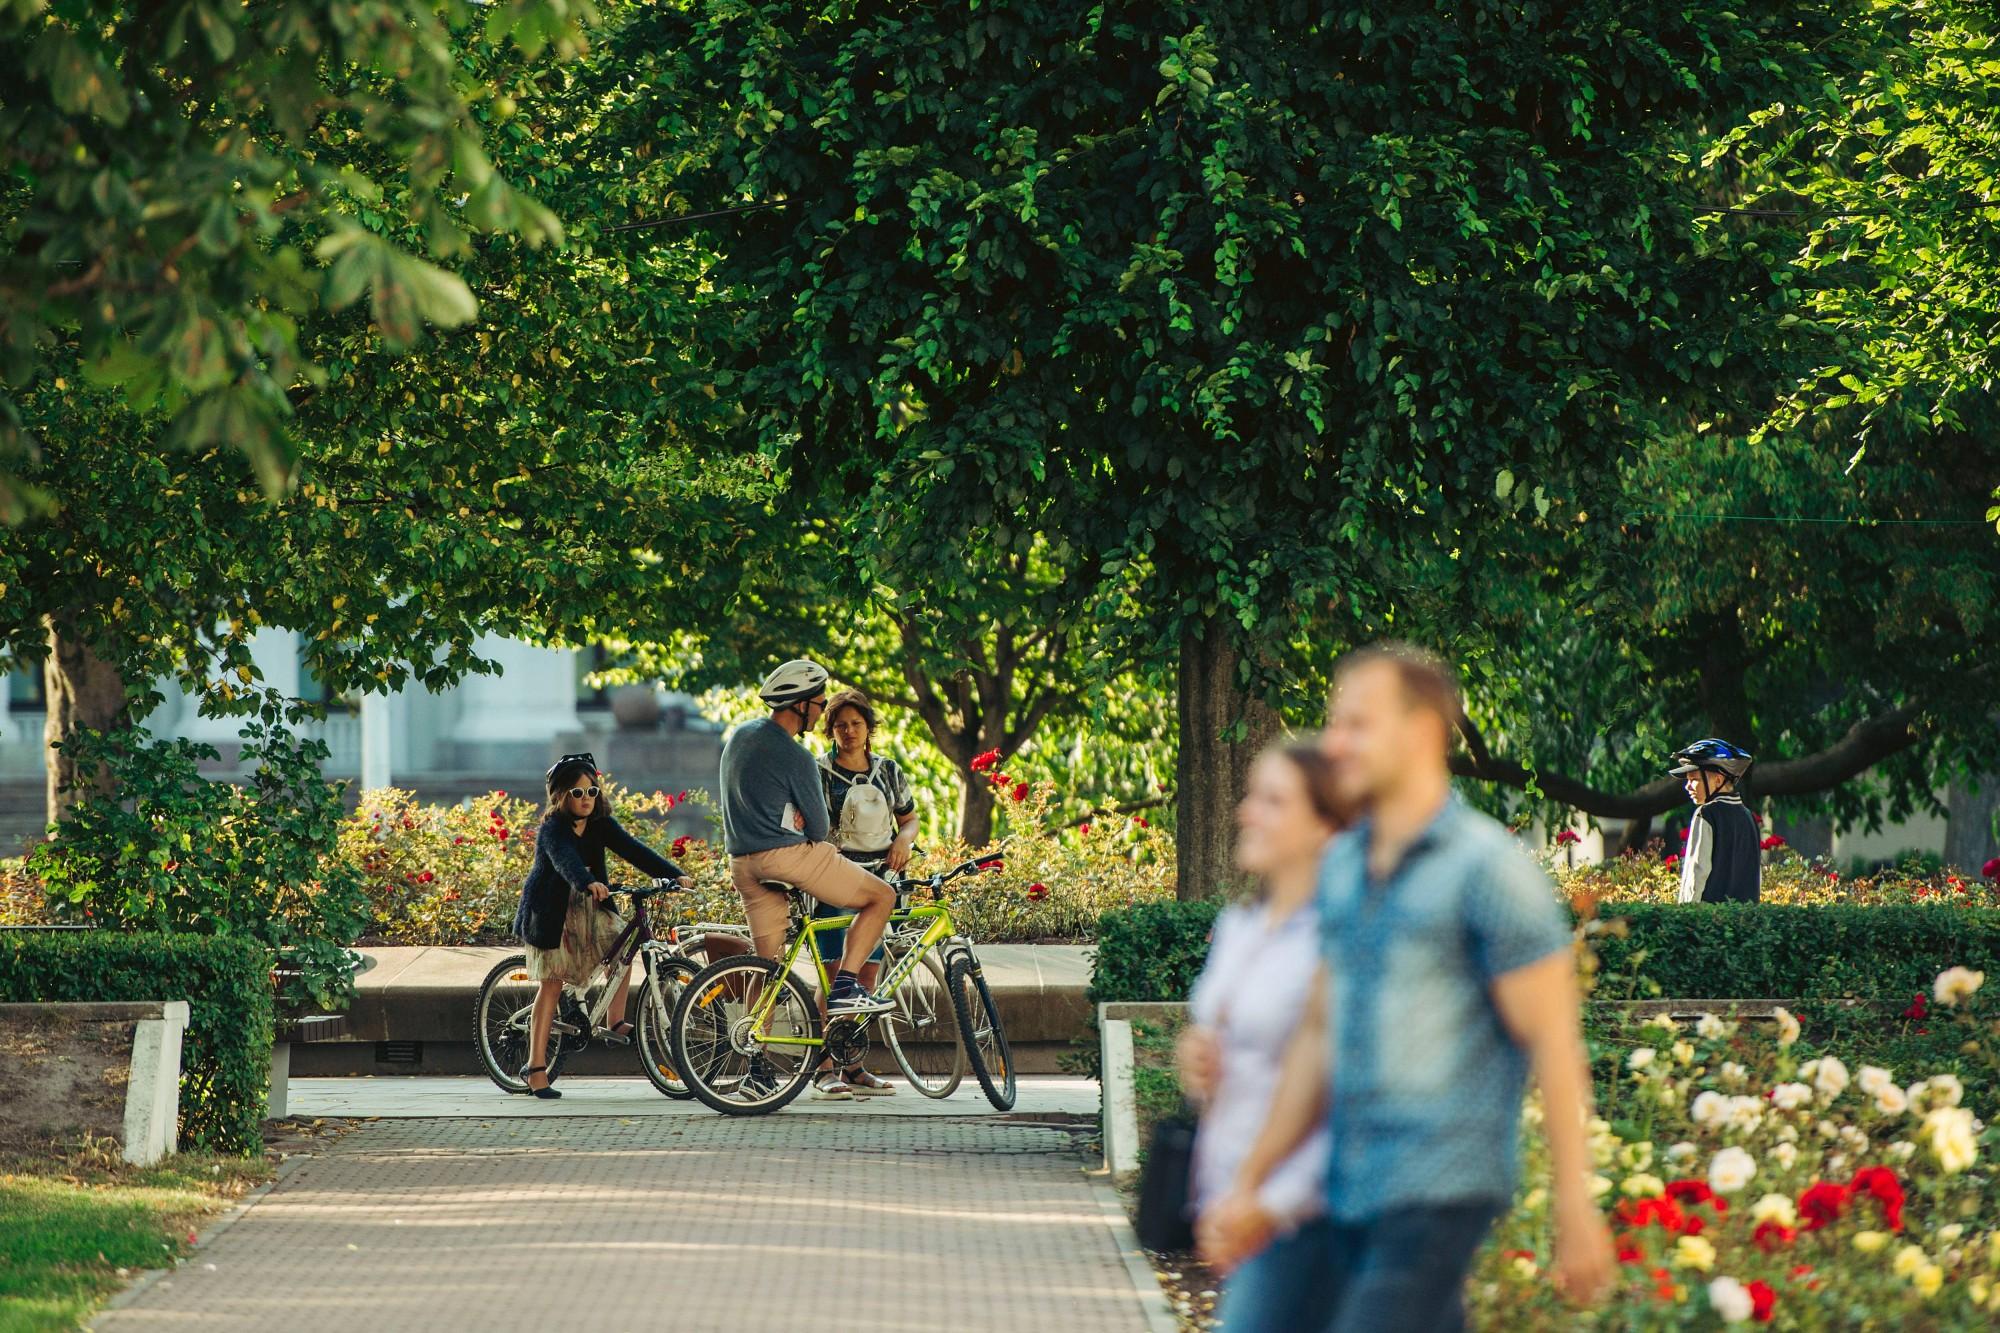 Eiropas mobilitātes nedēļu atzīmēs ar dažādām aktivitātēm gājējiem un velobraucējiem